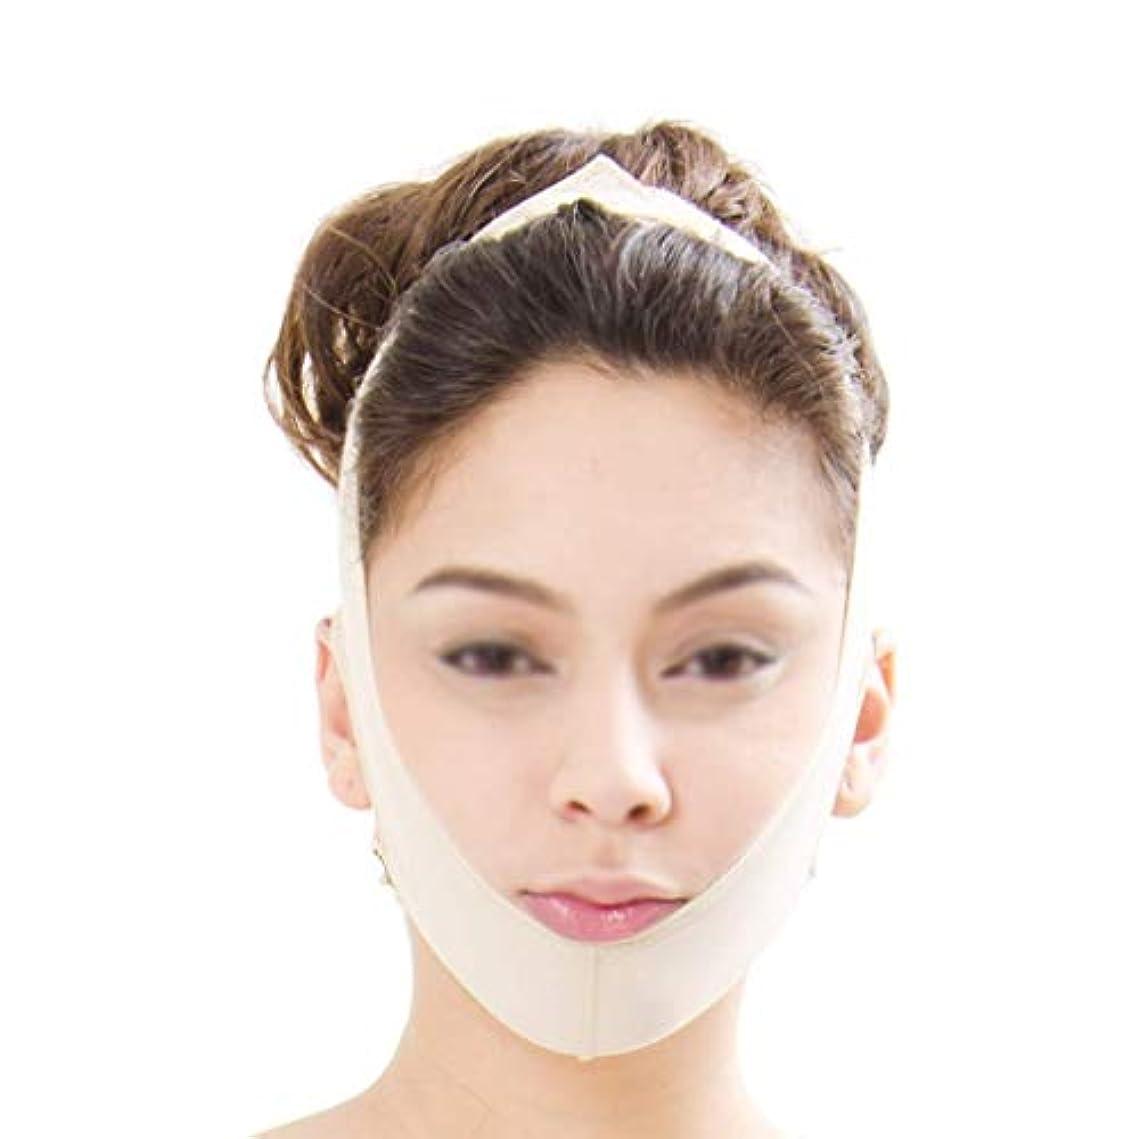 苛性寄付する発症フェイススリミングバンデージ、フェイスリフティングマスク、フェイスリフティングバンデージ、フェイシャル減量マスク、ダブルチンケア減量(サイズ:M),XXL